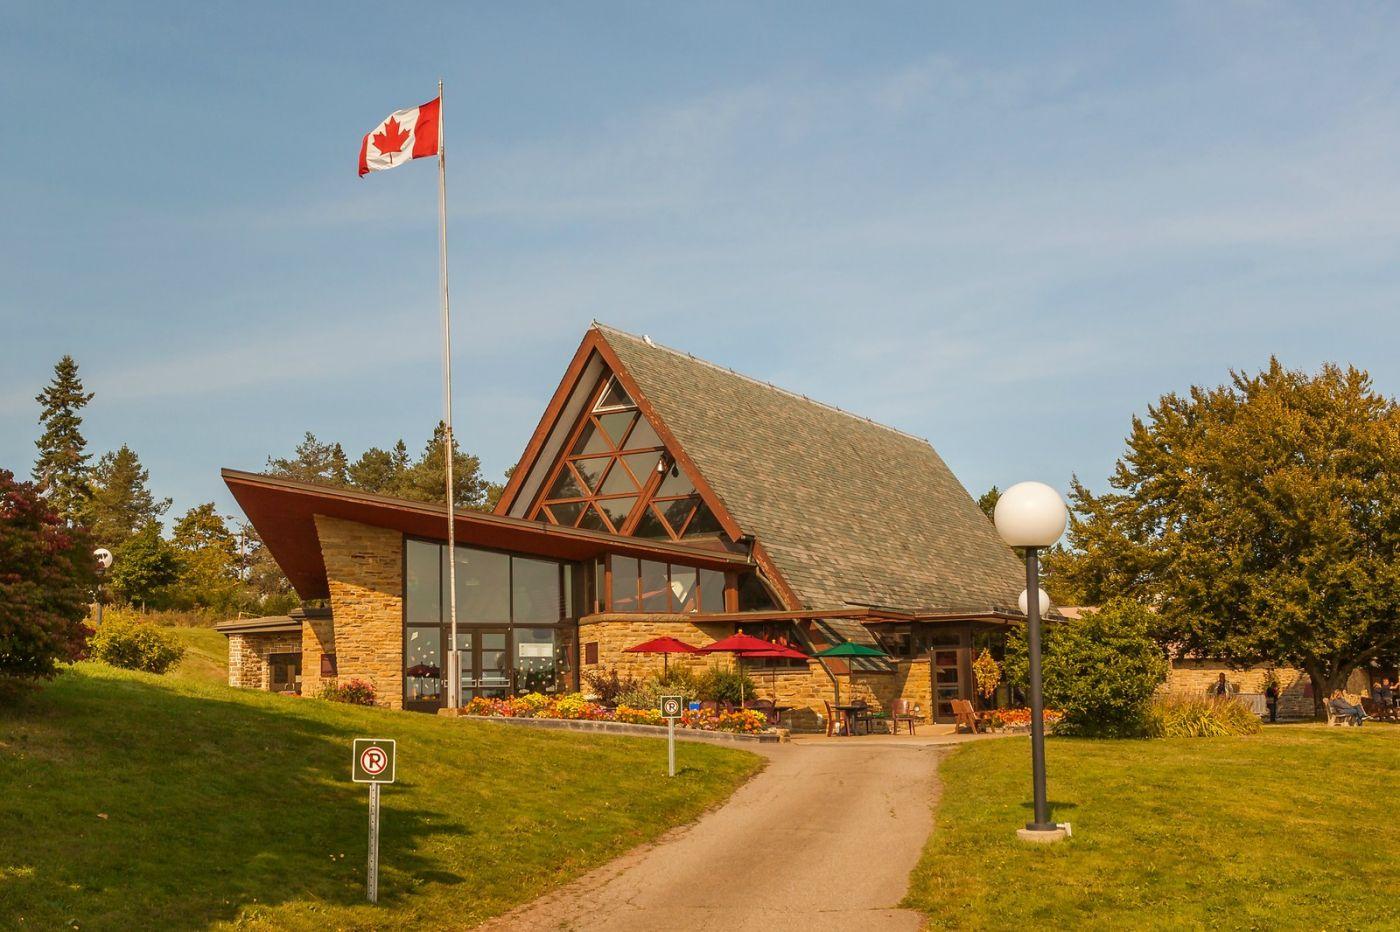 加拿大Nova Scotia, 帆船灯塔老鹰_图1-38